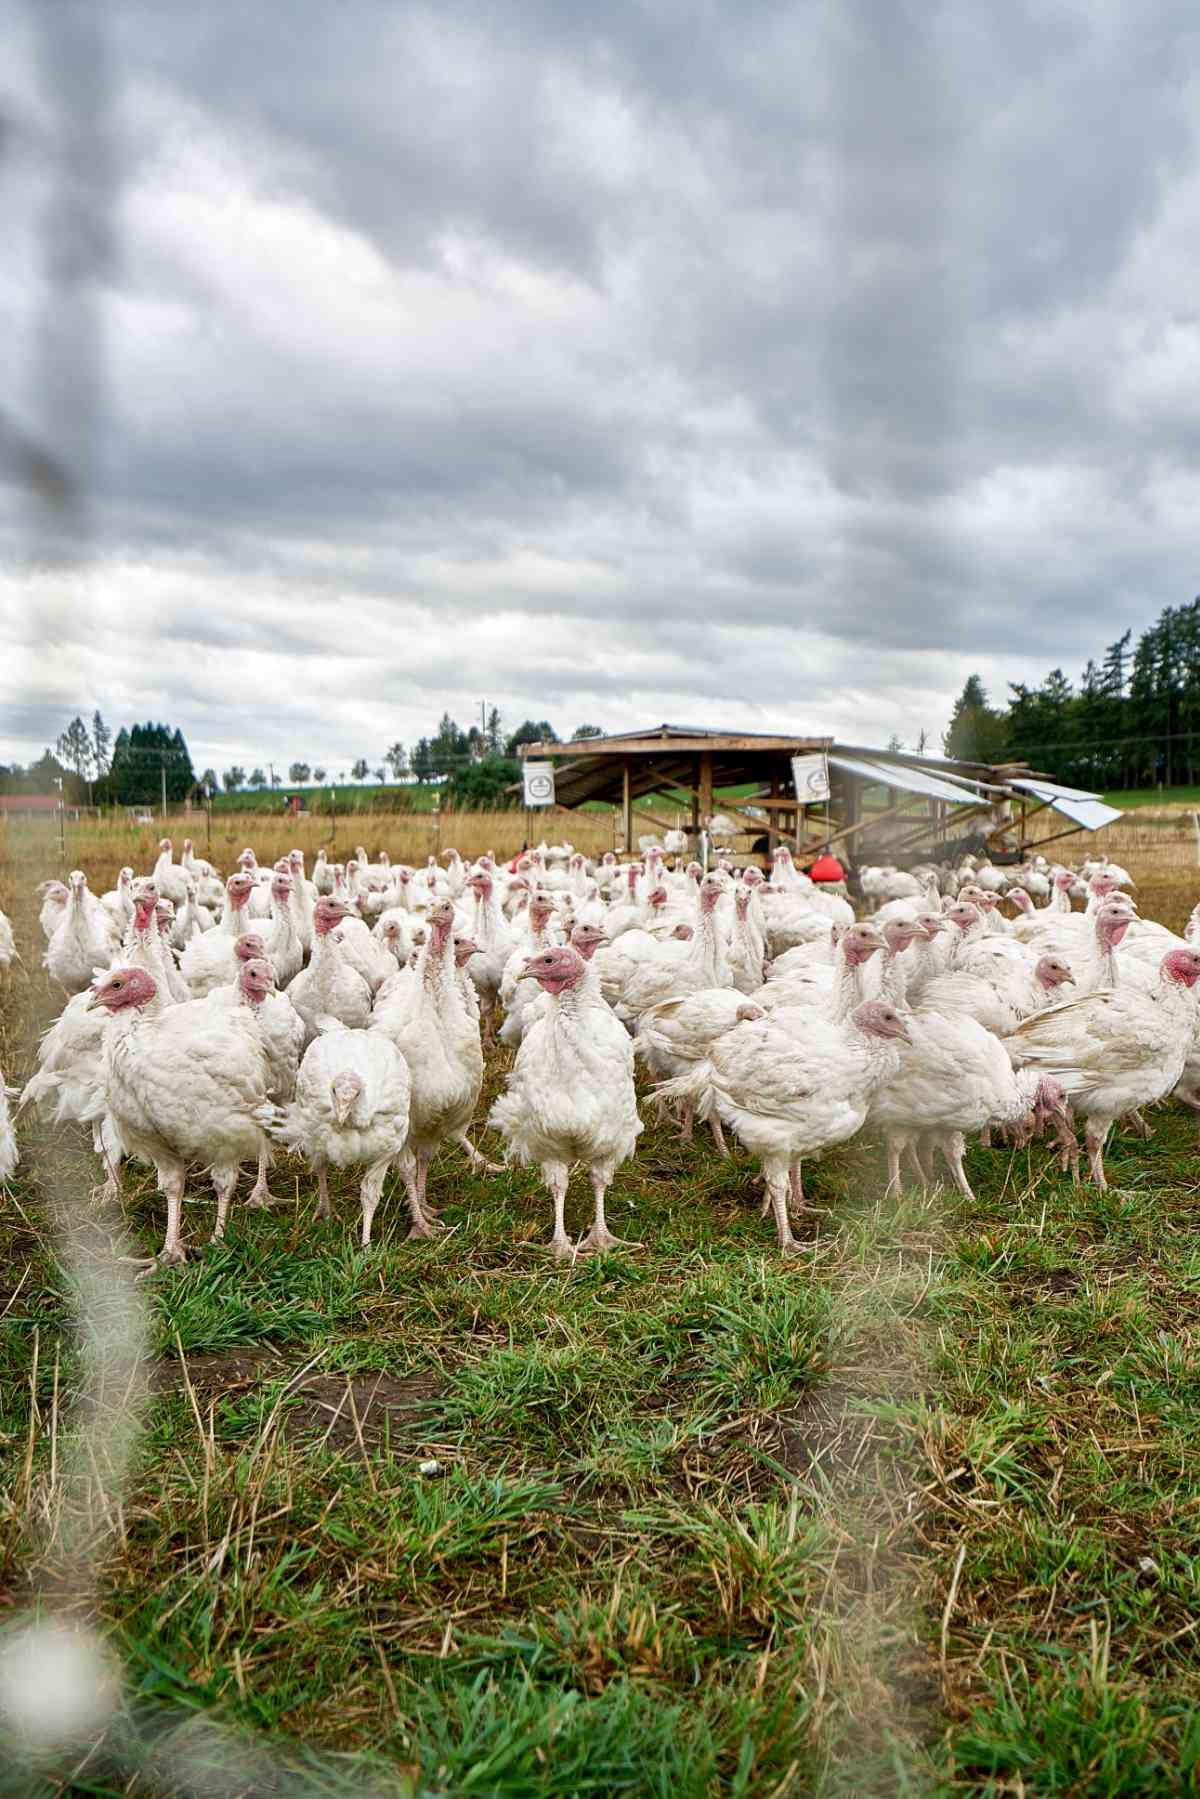 turkeys in a field.